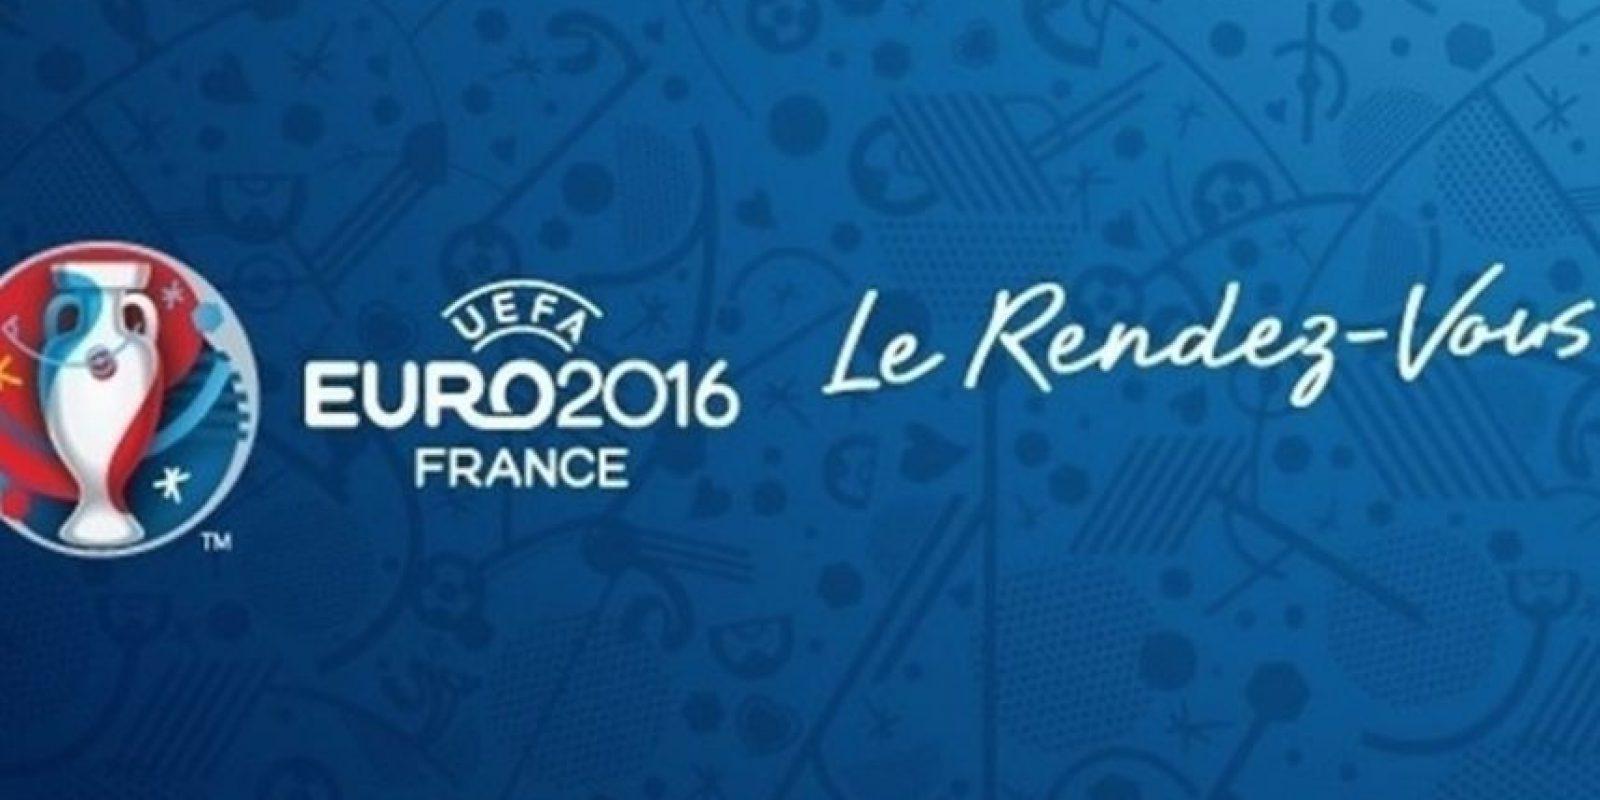 Francia busca su tercera Euro de la historia. Foto:vía facebook.com/euro2016franceactualites